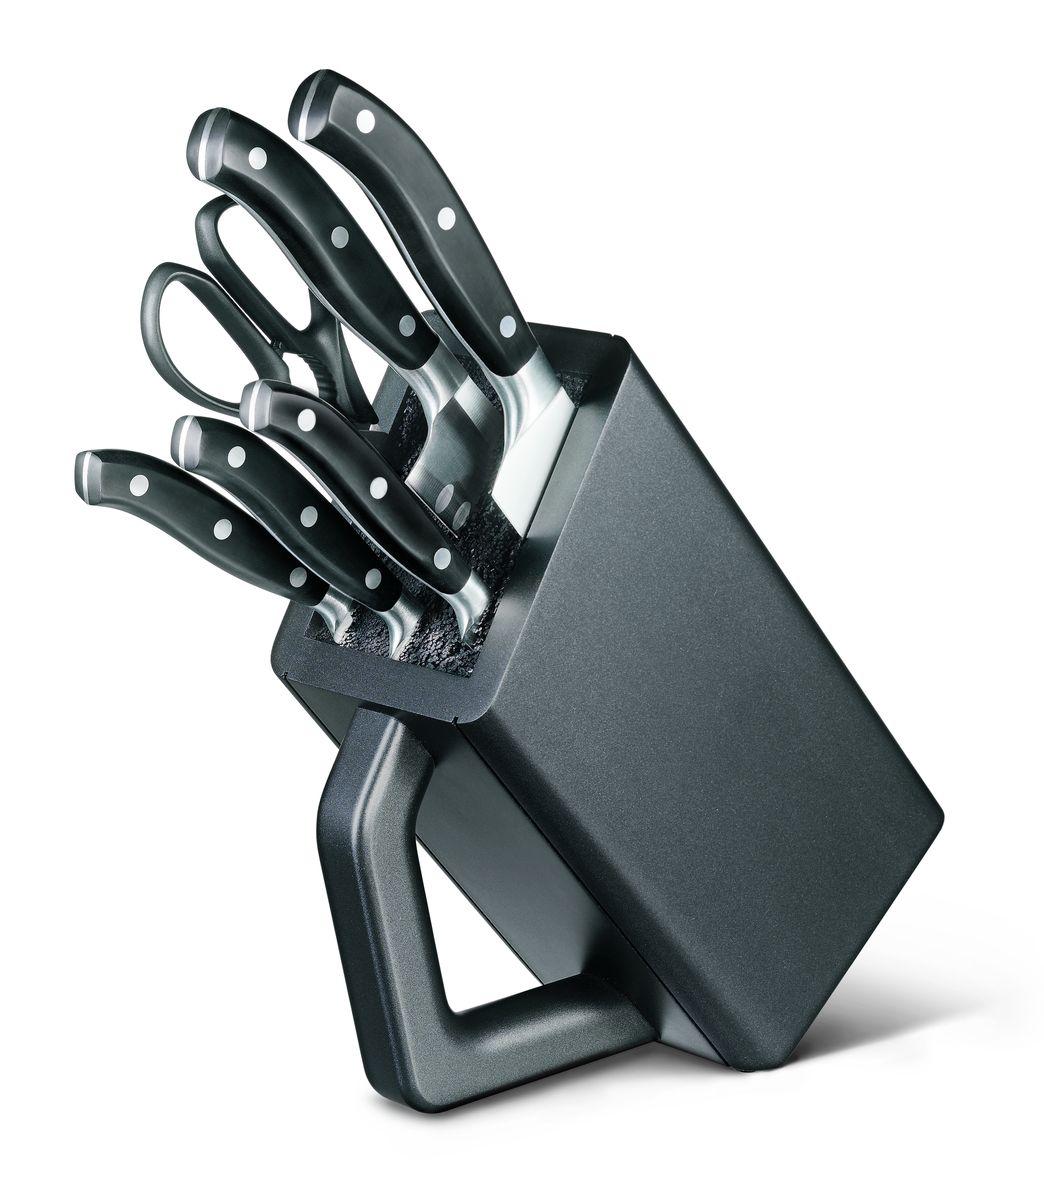 Набор кованых кухонных приборов Victorinox, на подставке, 7 предметов7.7243.6Кованые ножи Victorinox нравятся как любителям, так и профессиональным шеф-поварам. Баланс между рукоятью и лезвием идеально рассчитывается для того, чтобы обеспечить удобство использования даже не протяжение длительного времени работы с ножами. Все модели в данных сериях штампуются из одной детали и имеют бесшовный переход от лезвия к рукояти. Это удивительное качество и неподвластная времени элегантность делают кованые ножи Victorinox такими особенными. У кованых ножей также есть больстер — стальное утолщение в месте, где сходится рукоять и лезвие, он разработан специально, чтобы защитить вашу руку от соскальзывания с рукояти на лезвие. Как правило, ножи данной серии подходят для использования в посудомоечных машинах, тем не менее для увеличения срока службы рекомендуется мыть их в ручную. 6 предметов: - кухонные ножницы (7.6363.3) - нож для чистки овощей (7.7203.06) - нож для стейка (7.7203.12) - универсальный нож (7.7203.15) - нож Сантоку...